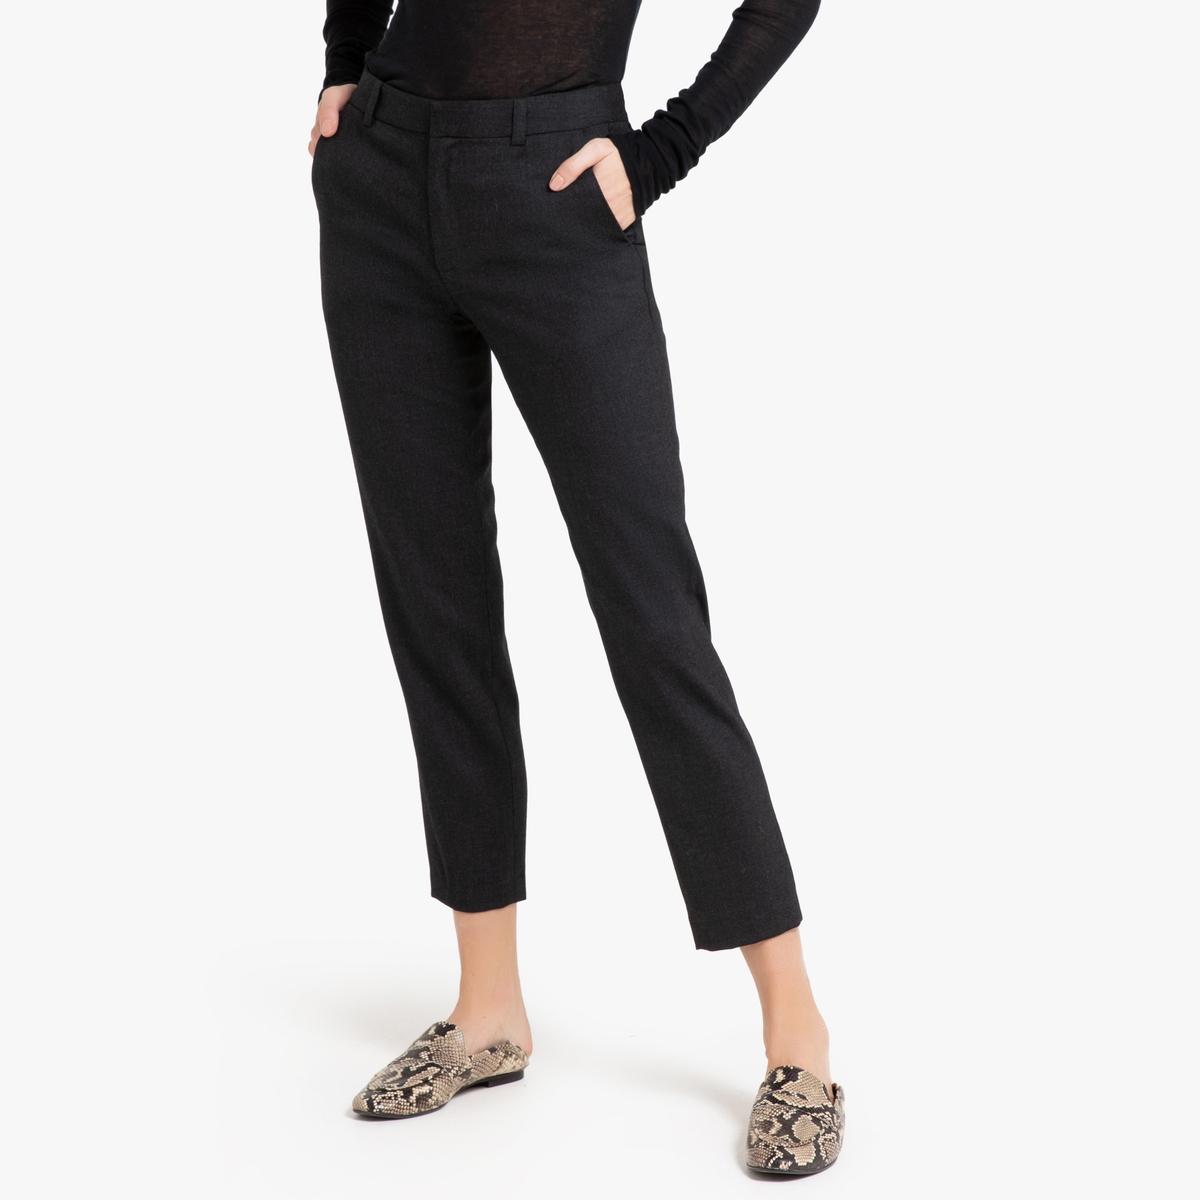 Брюки La Redoute Зауженные ADELE 40 (FR) - 46 (RUS) серый брюки la redoute узкие дудочки с жаккардовым рисунком 50 fr 56 rus черный